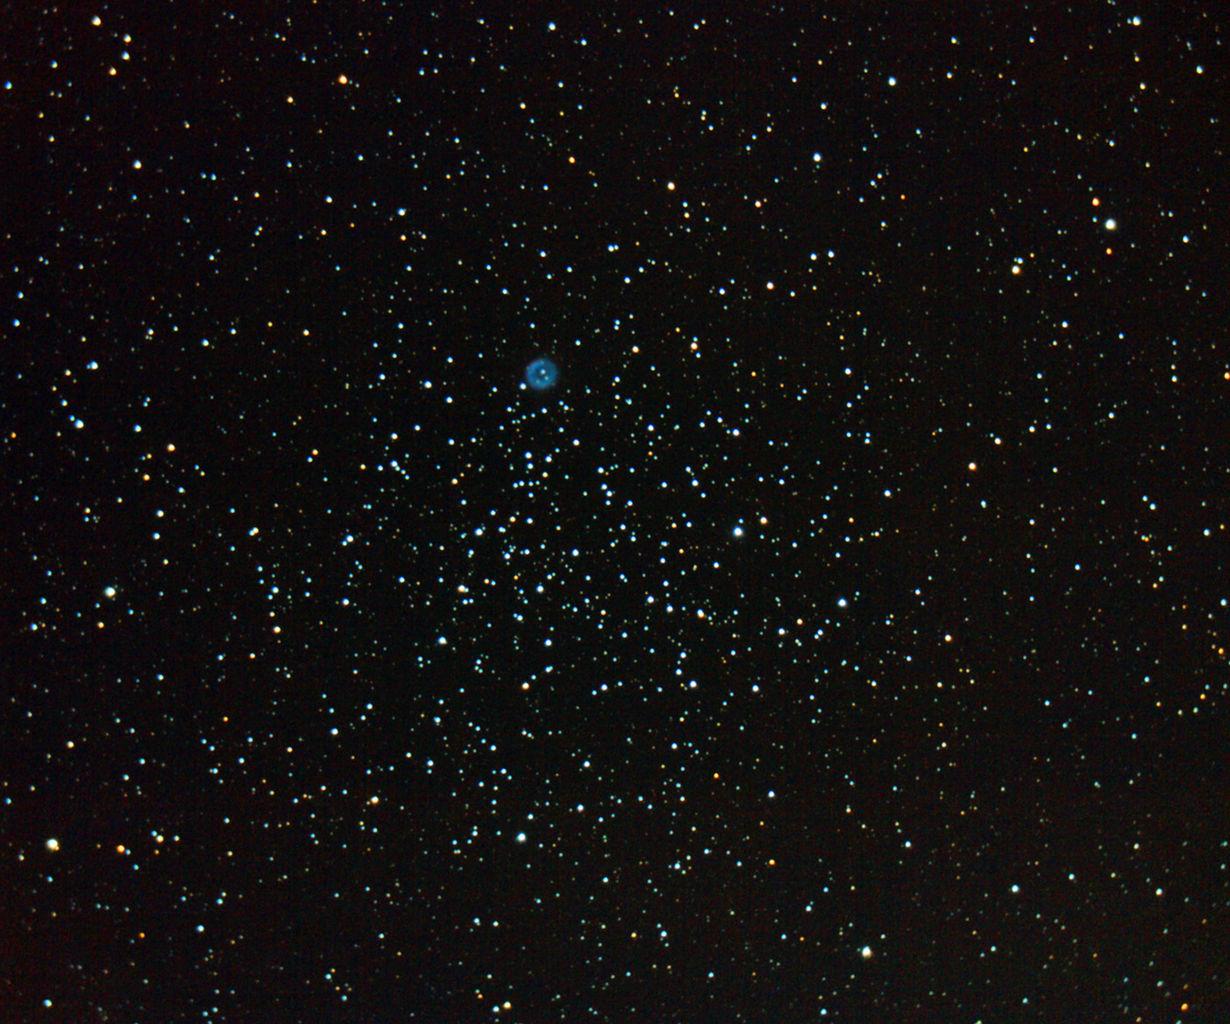 messier 46,planetary nebula,ngc 2437